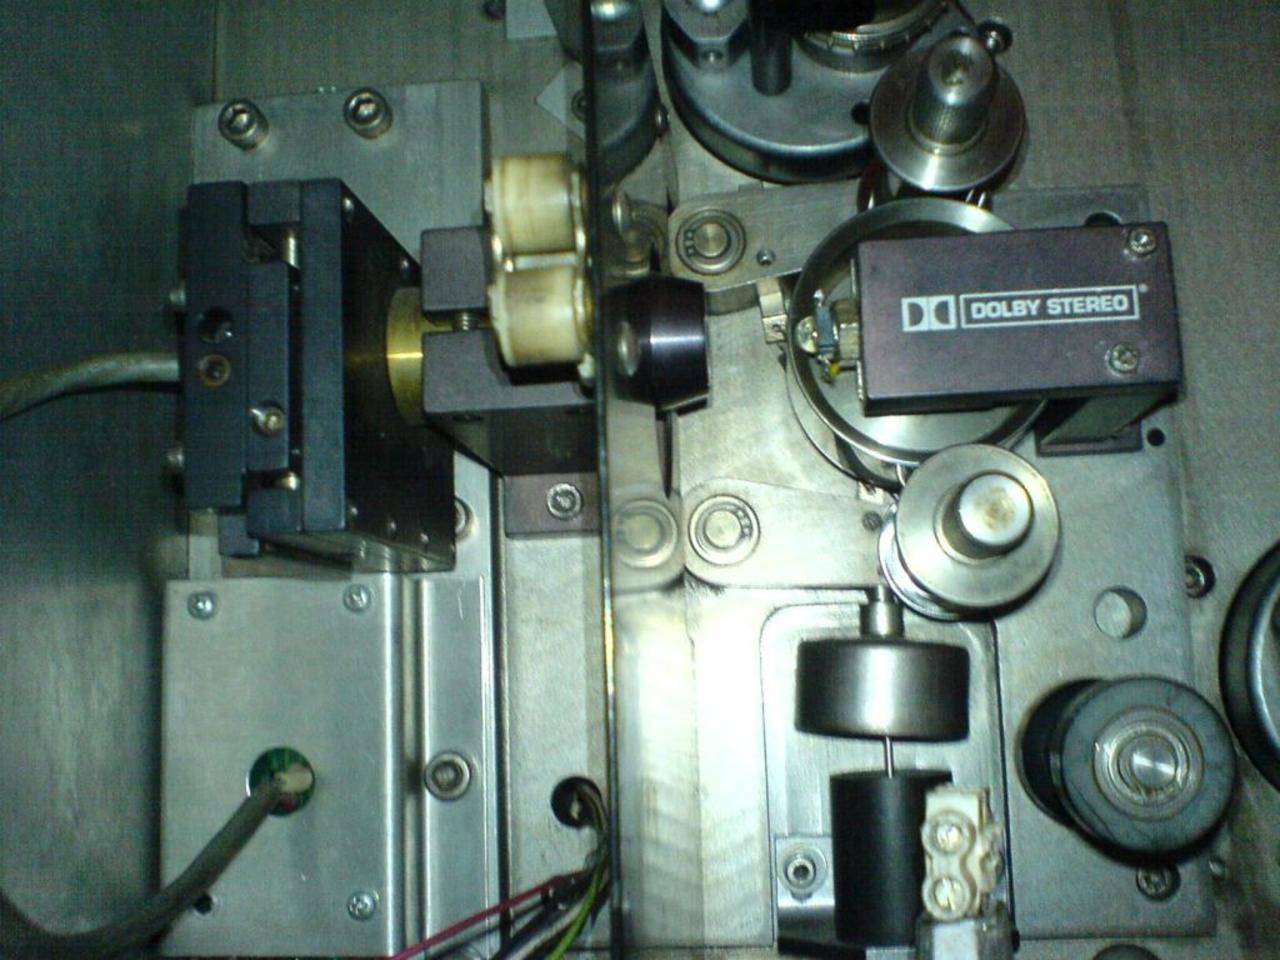 hangcsík csatlakozik észt társkereső ügynökség